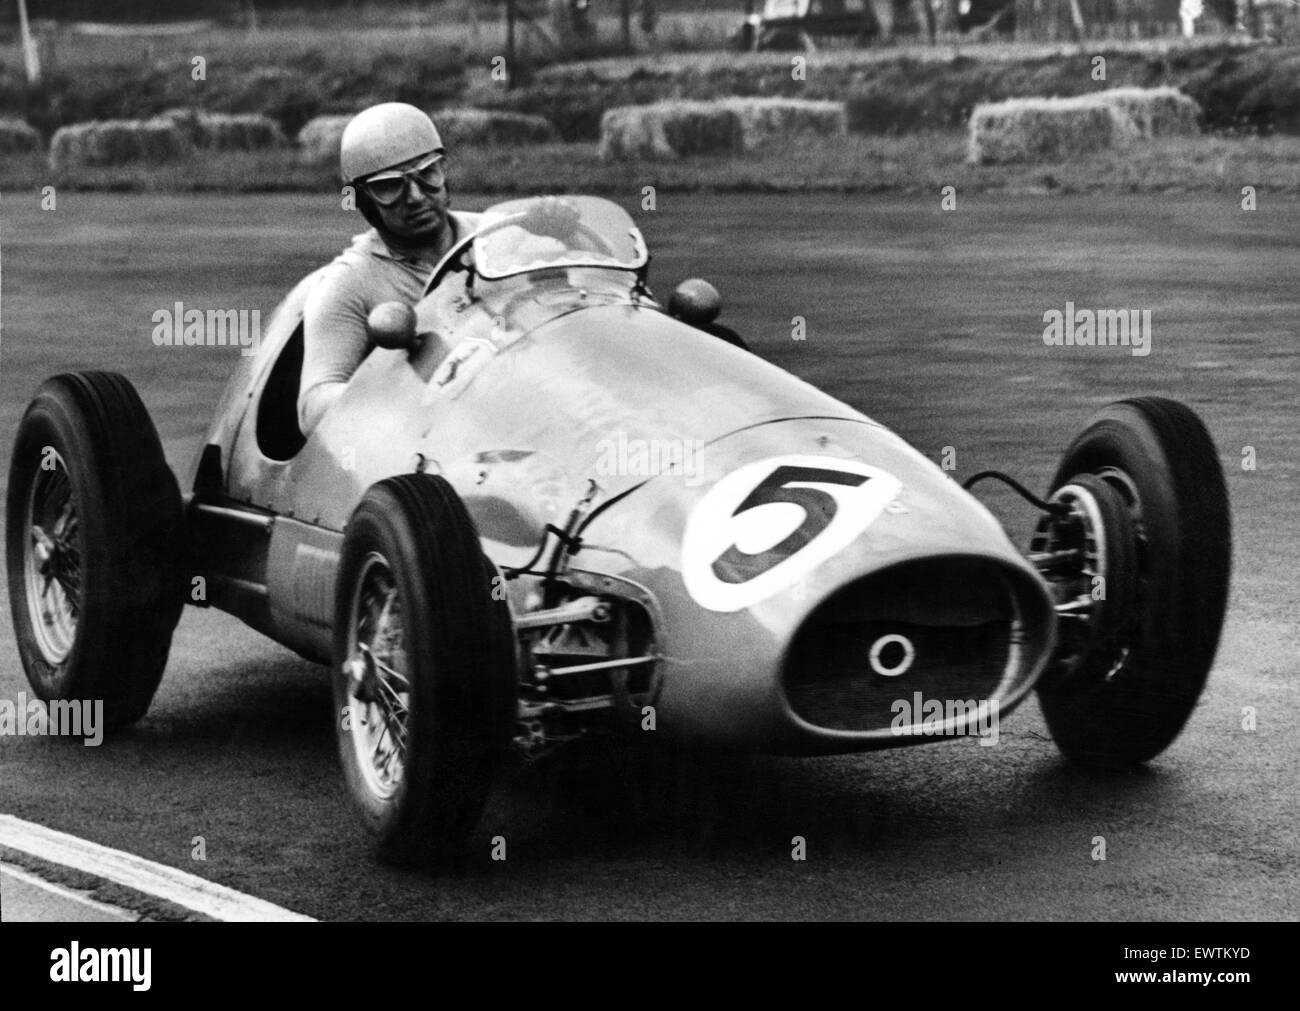 Circuito Ascari : Italian racing driver alberto ascari in azione durante il 1953